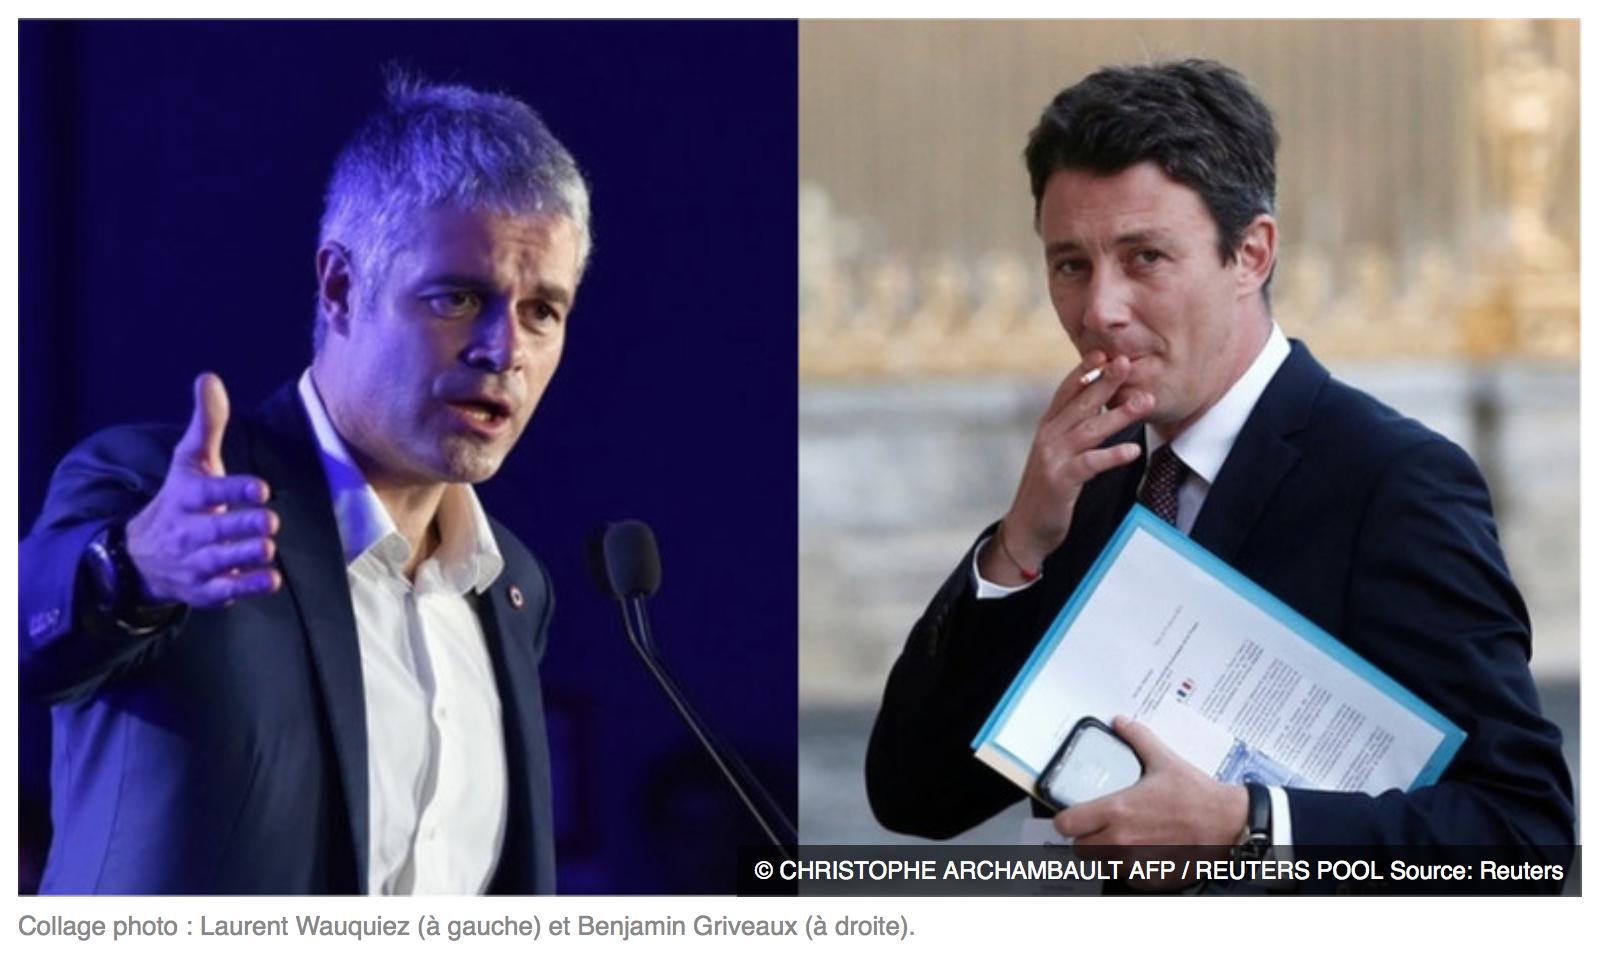 Macron-Griveaux  aime mieux les mecs qui se roulent des joints que ceux qui roulent des clops